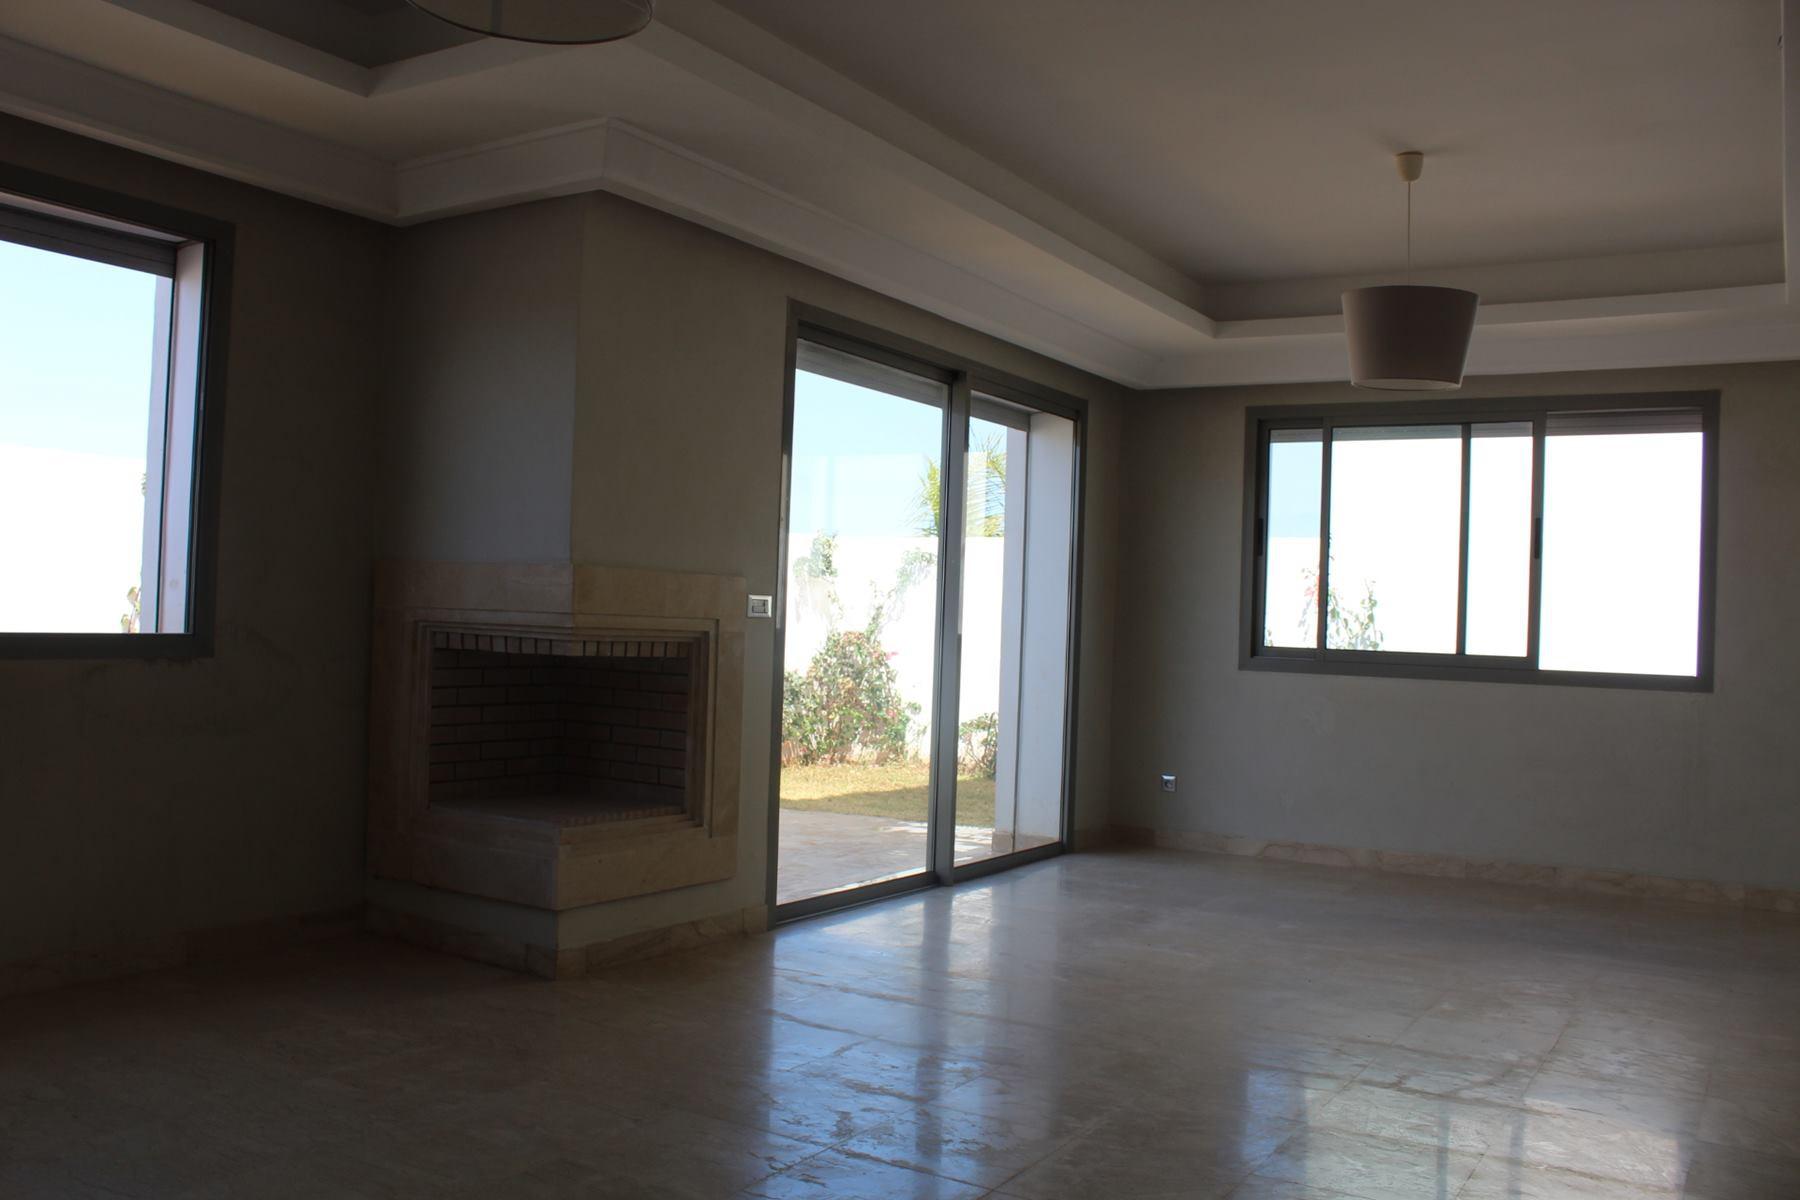 Maroc, Casablanca, CIL, à louer appartement exceptionnel neuf de 3 chambres. Ce logement calme et lumineux, au 2 éme étage, offre des prestations de très hautes qualités